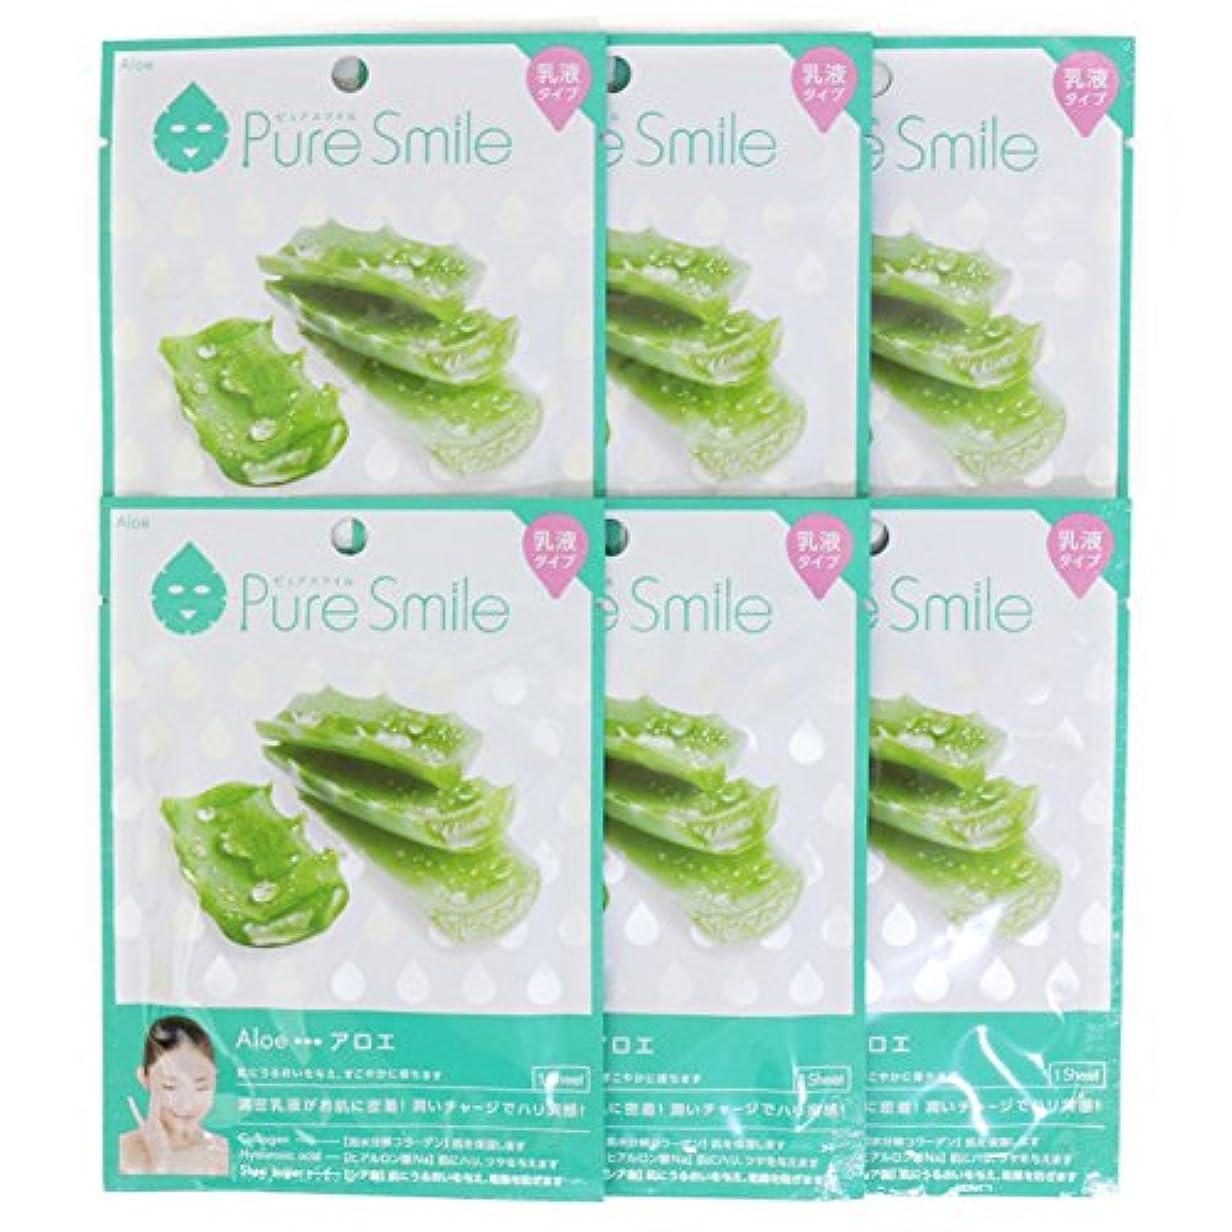 分泌するテメリティ行商Pure Smile ピュアスマイル 乳液エッセンスマスク アロエ 6枚セット